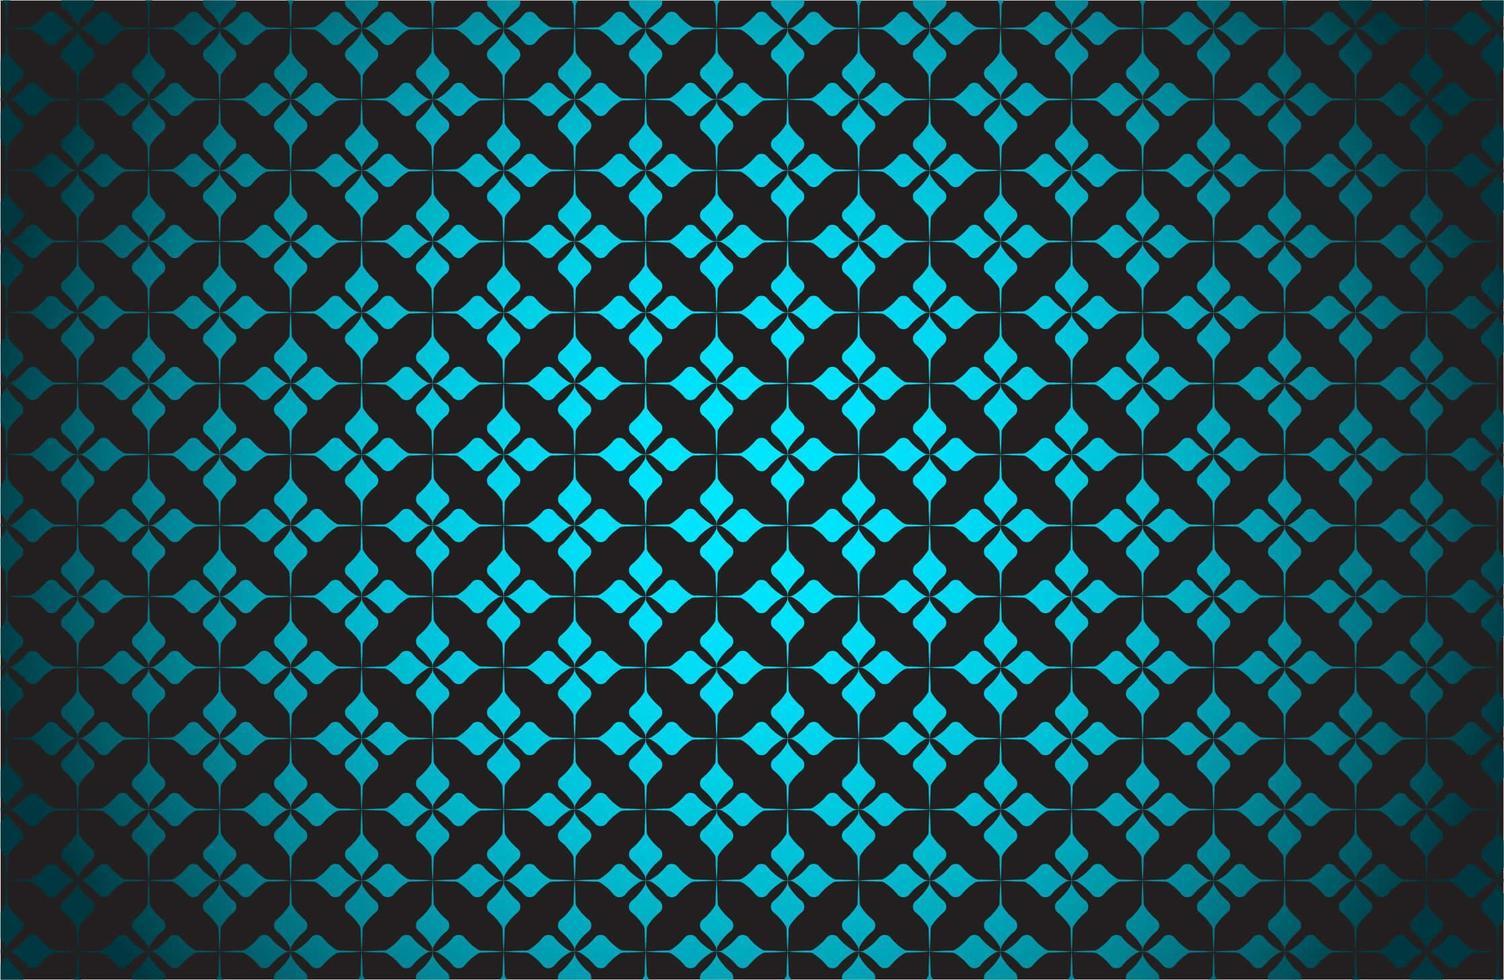 leuchtend blaues Sternchenmuster auf Schwarz vektor